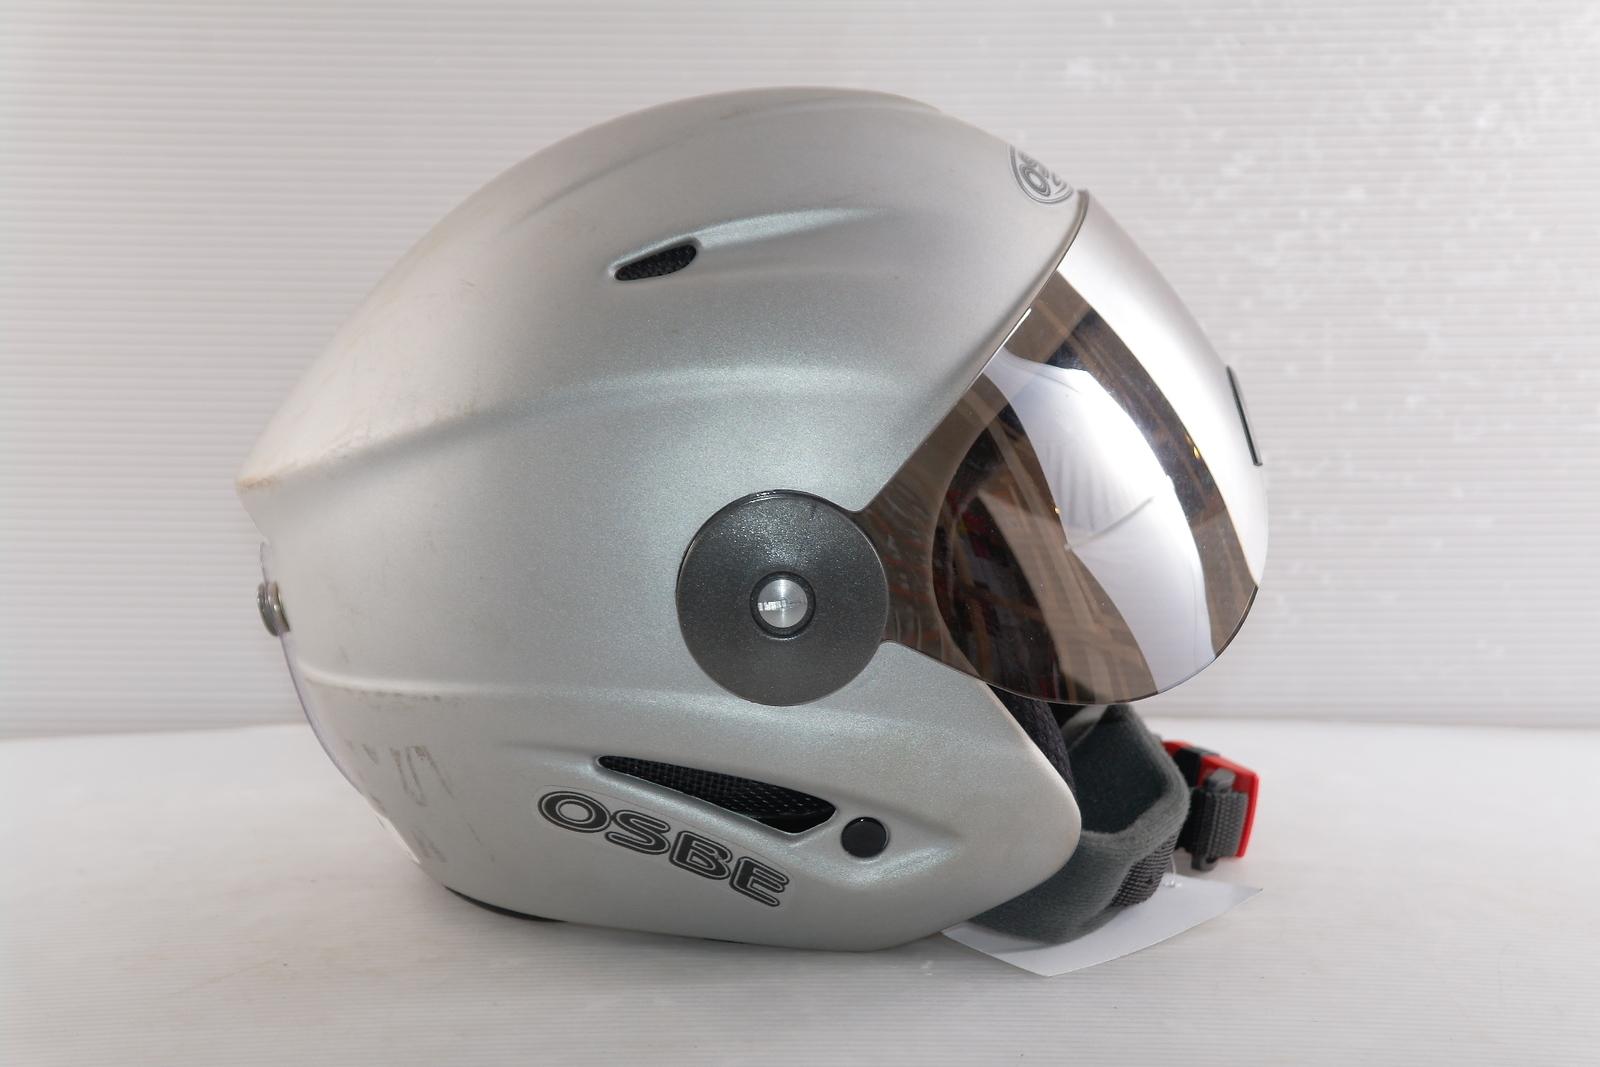 Dětská lyžařská helma Osbe Proton JR vel. 52